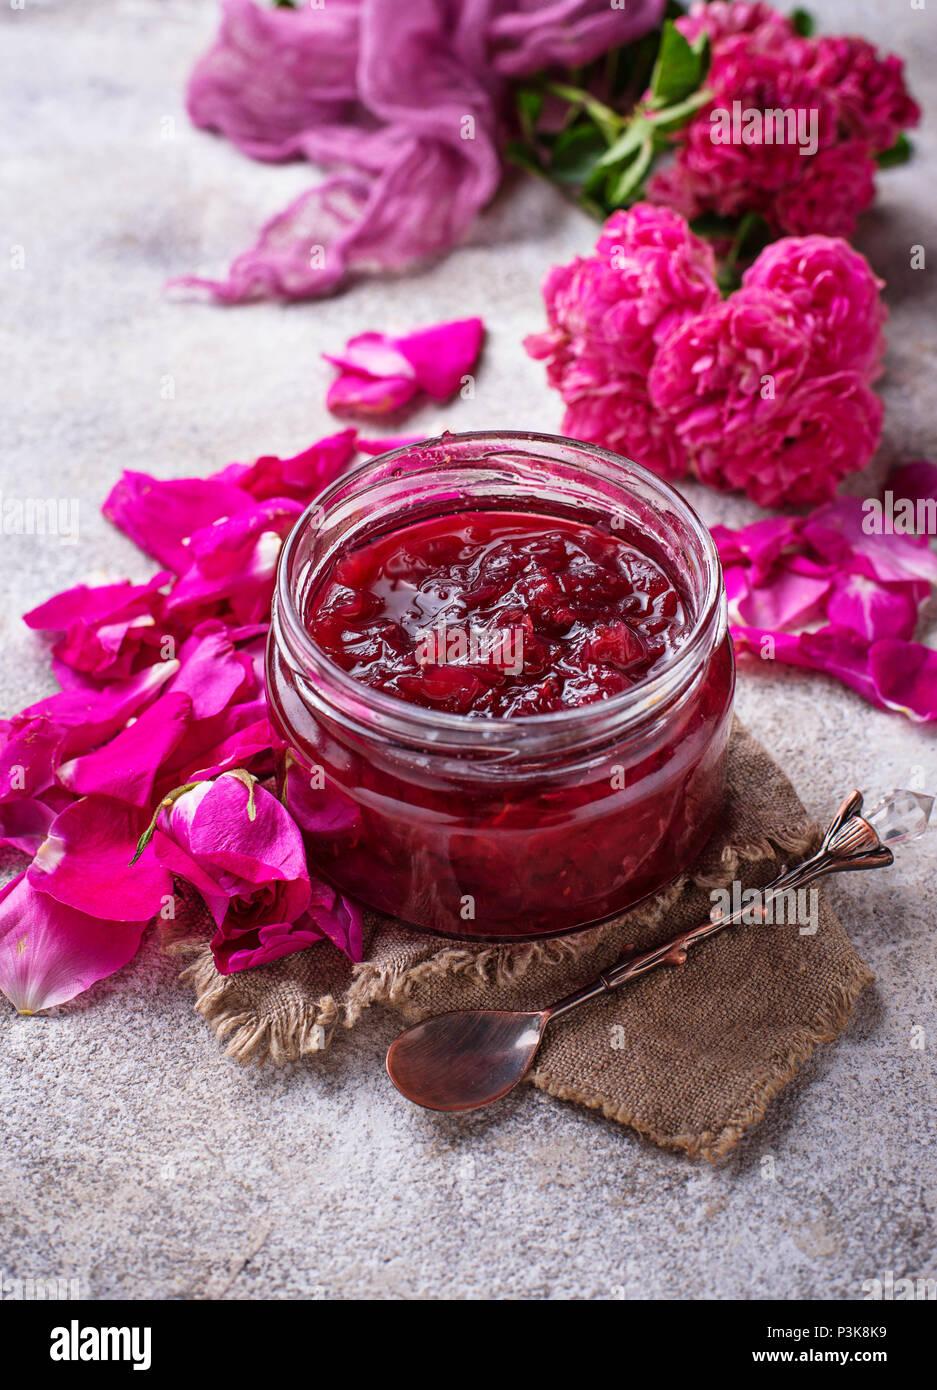 La marmellata di petali di rosa Immagini Stock